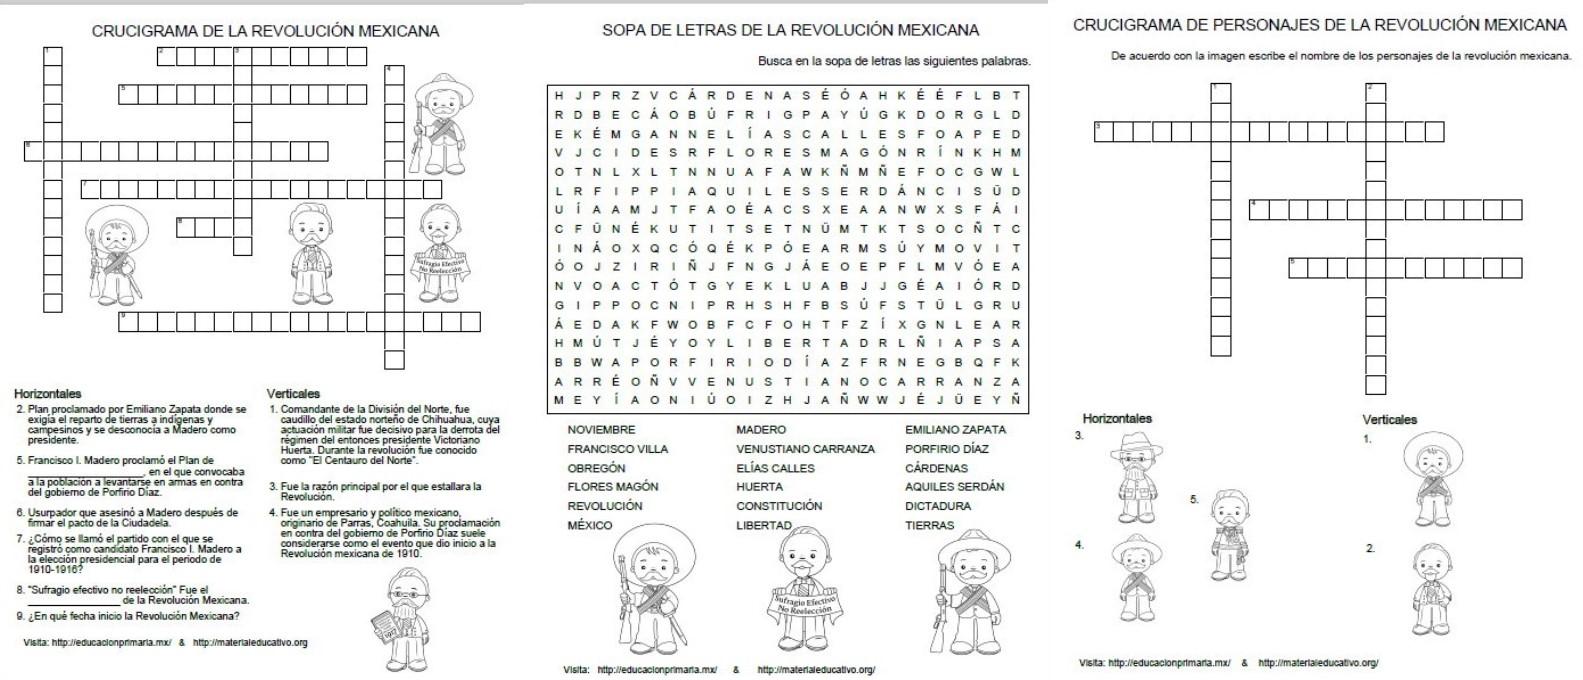 Crucigramas Y Sopa De Letras De La Revolución Mexicana Material